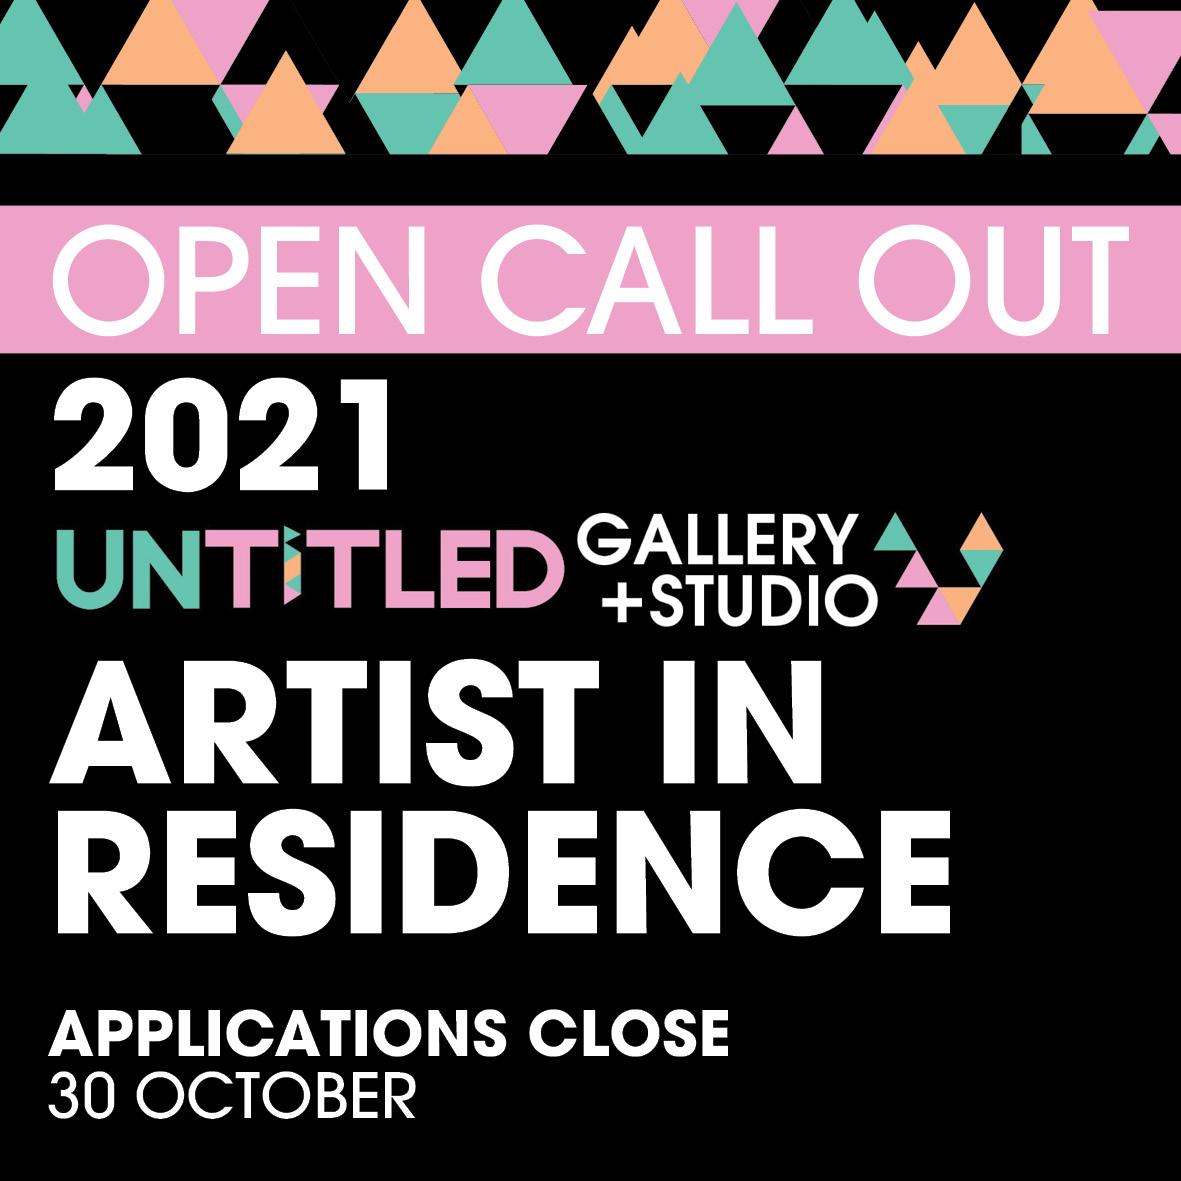 OPEN CALL for our 2021 dry season Residency Program